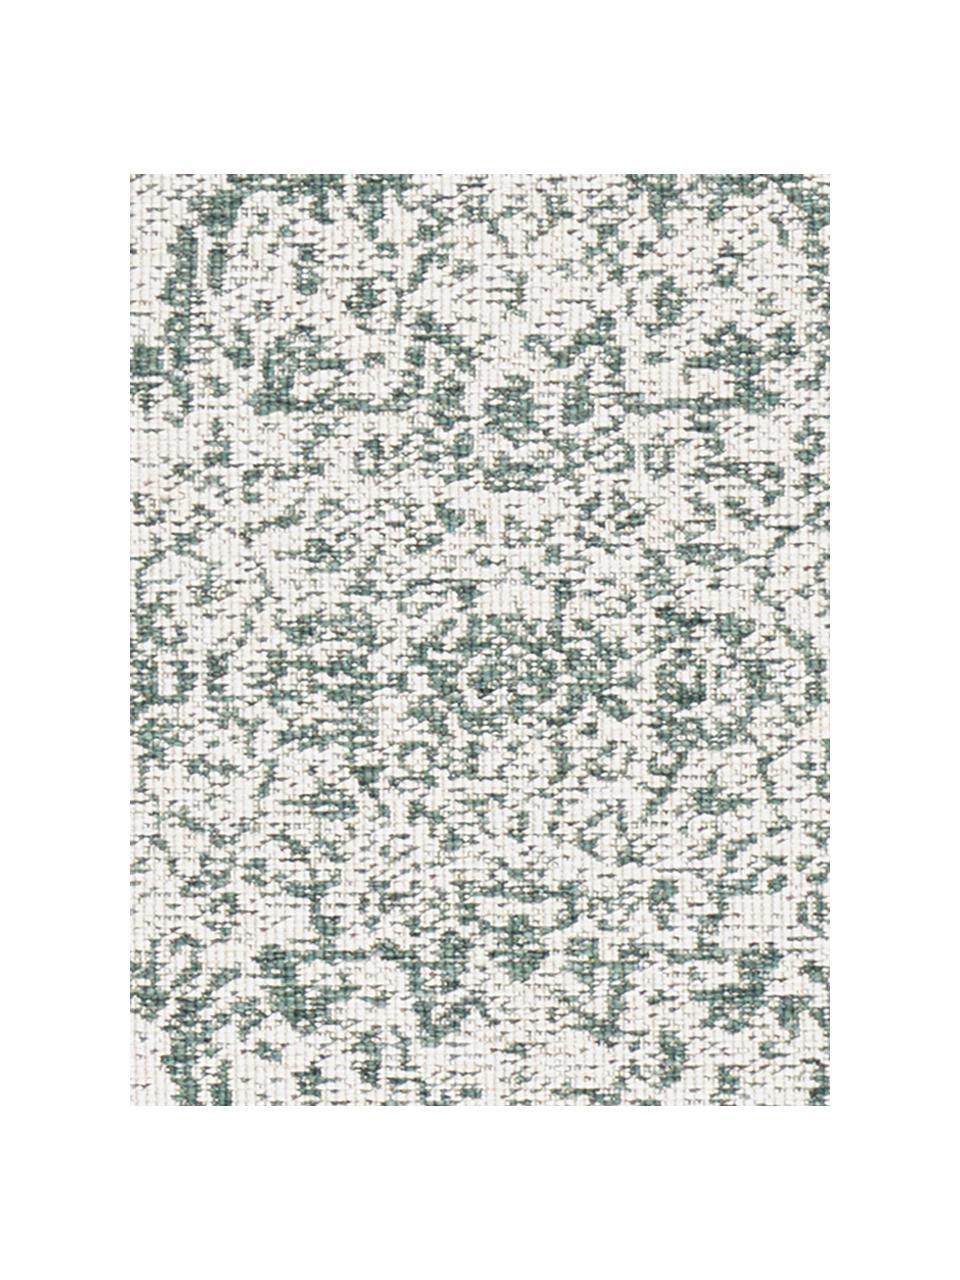 In- & Outdoor-Wendeteppich Cebu im Vintage Look, Grün/Creme, 100% Polypropylen, Grün, Creme, B 160 x L 230 cm (Größe M)